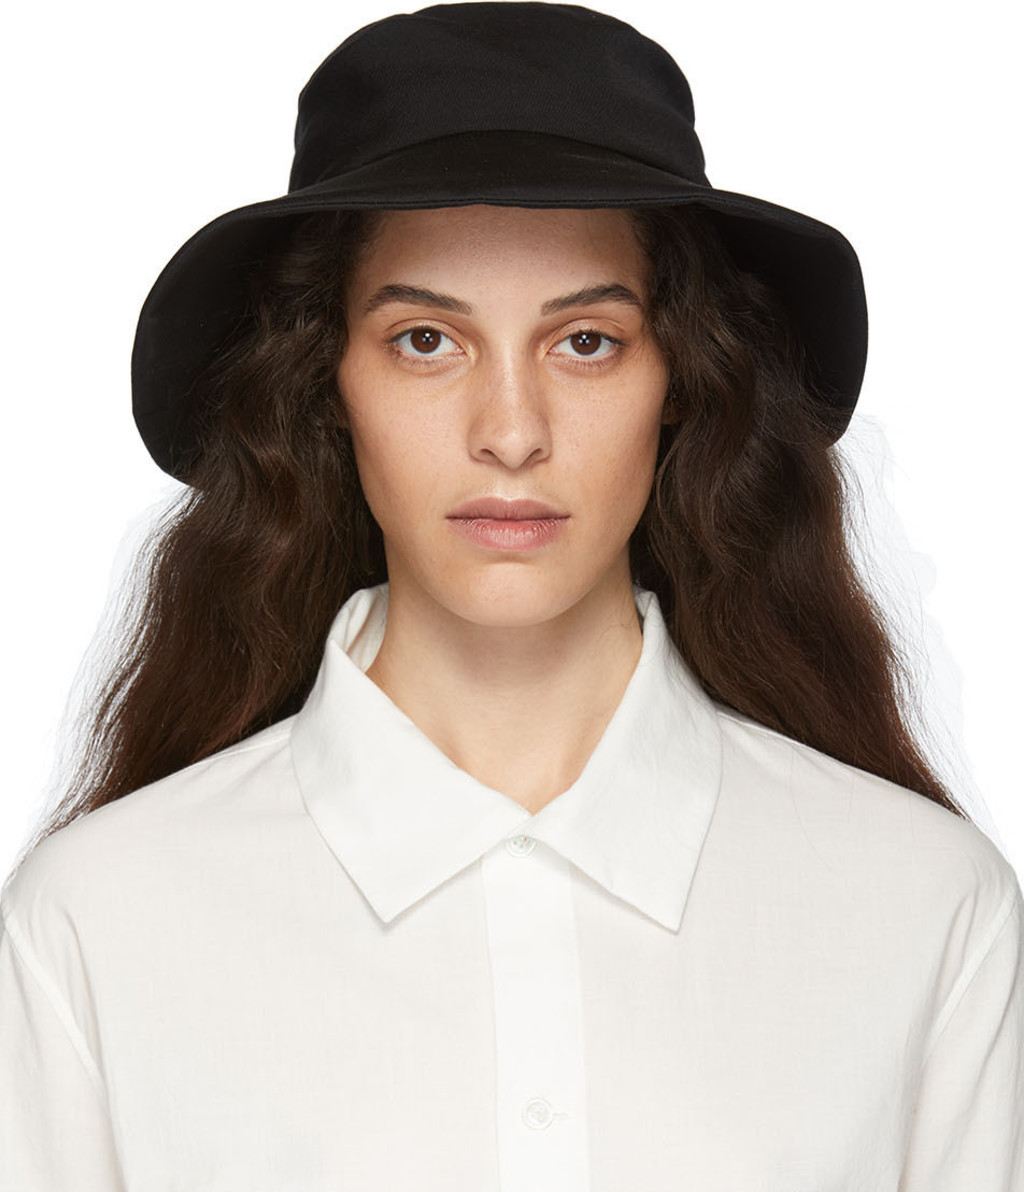 Chapeaux Fedora Pour FemmesSsense Et De Panama Créateurs France SUzVpqMG